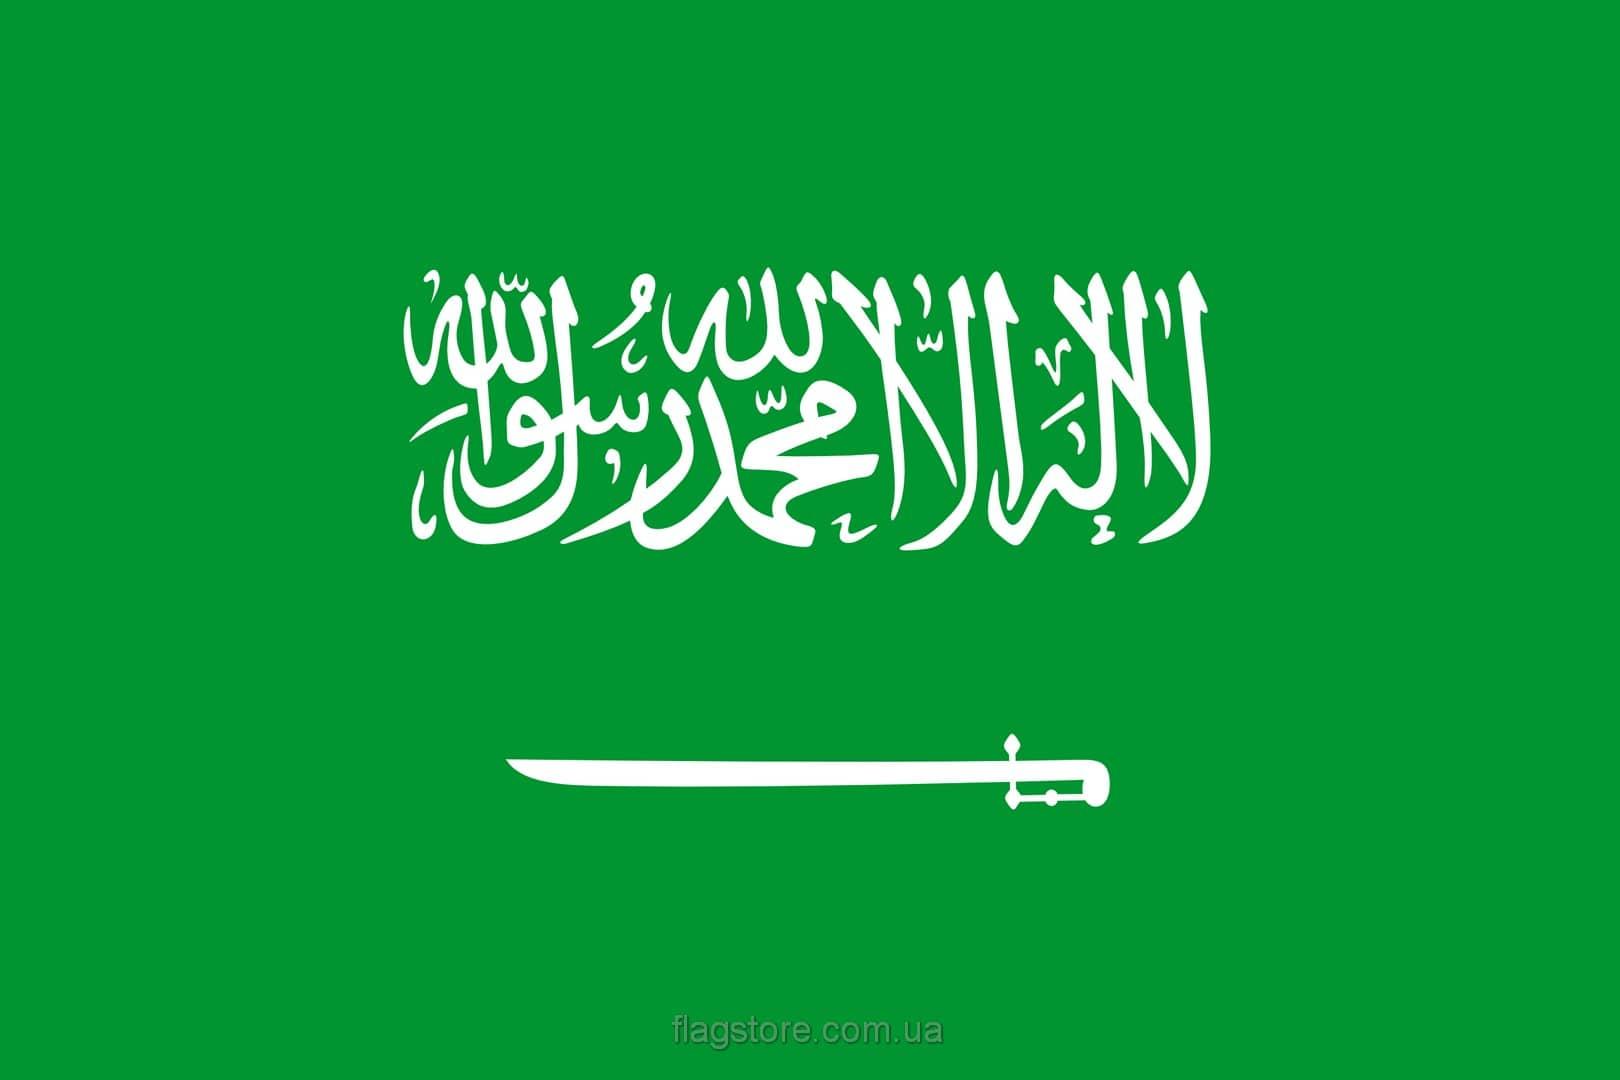 Купить флаг Саудовской Аравии (страны Саудовская Аравия)